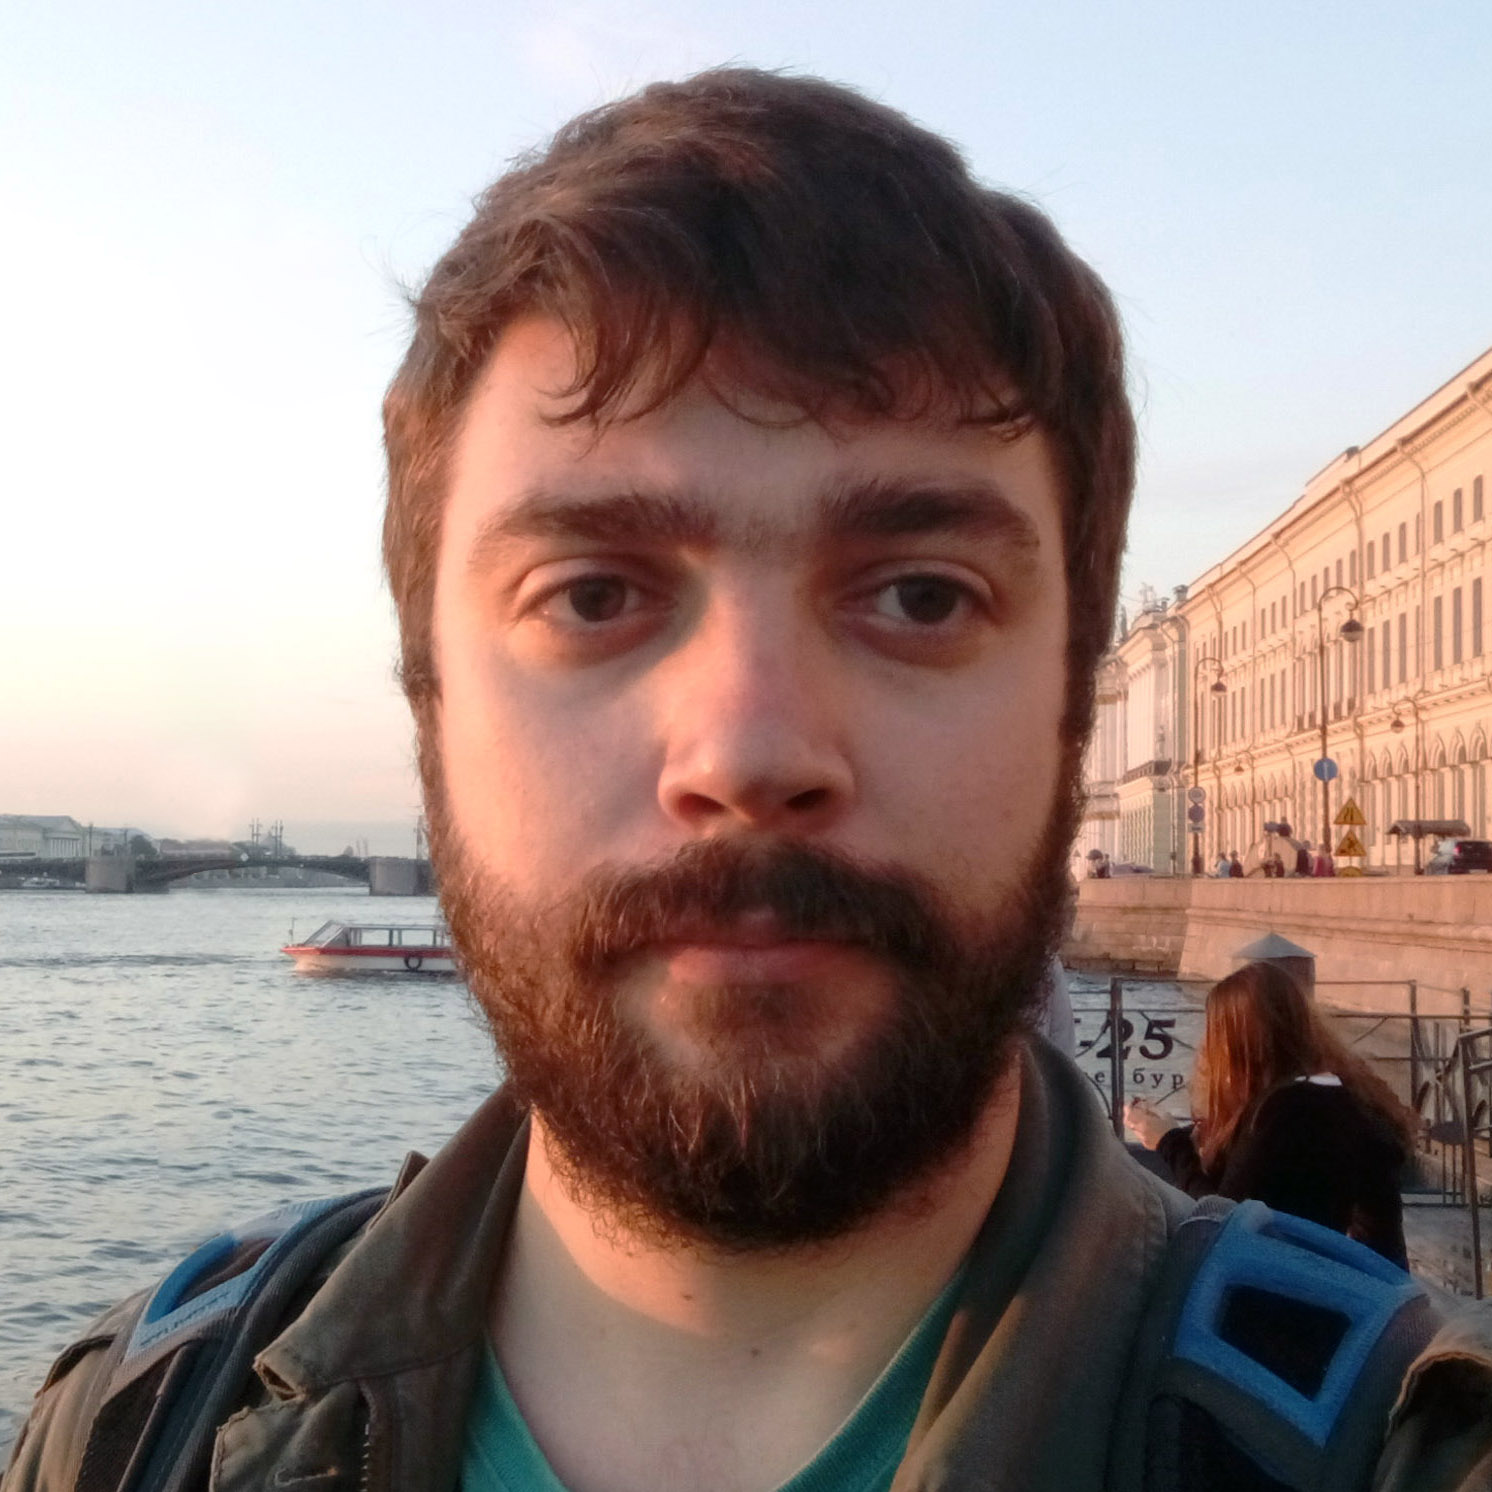 Чубрик Дмитрий.jpg